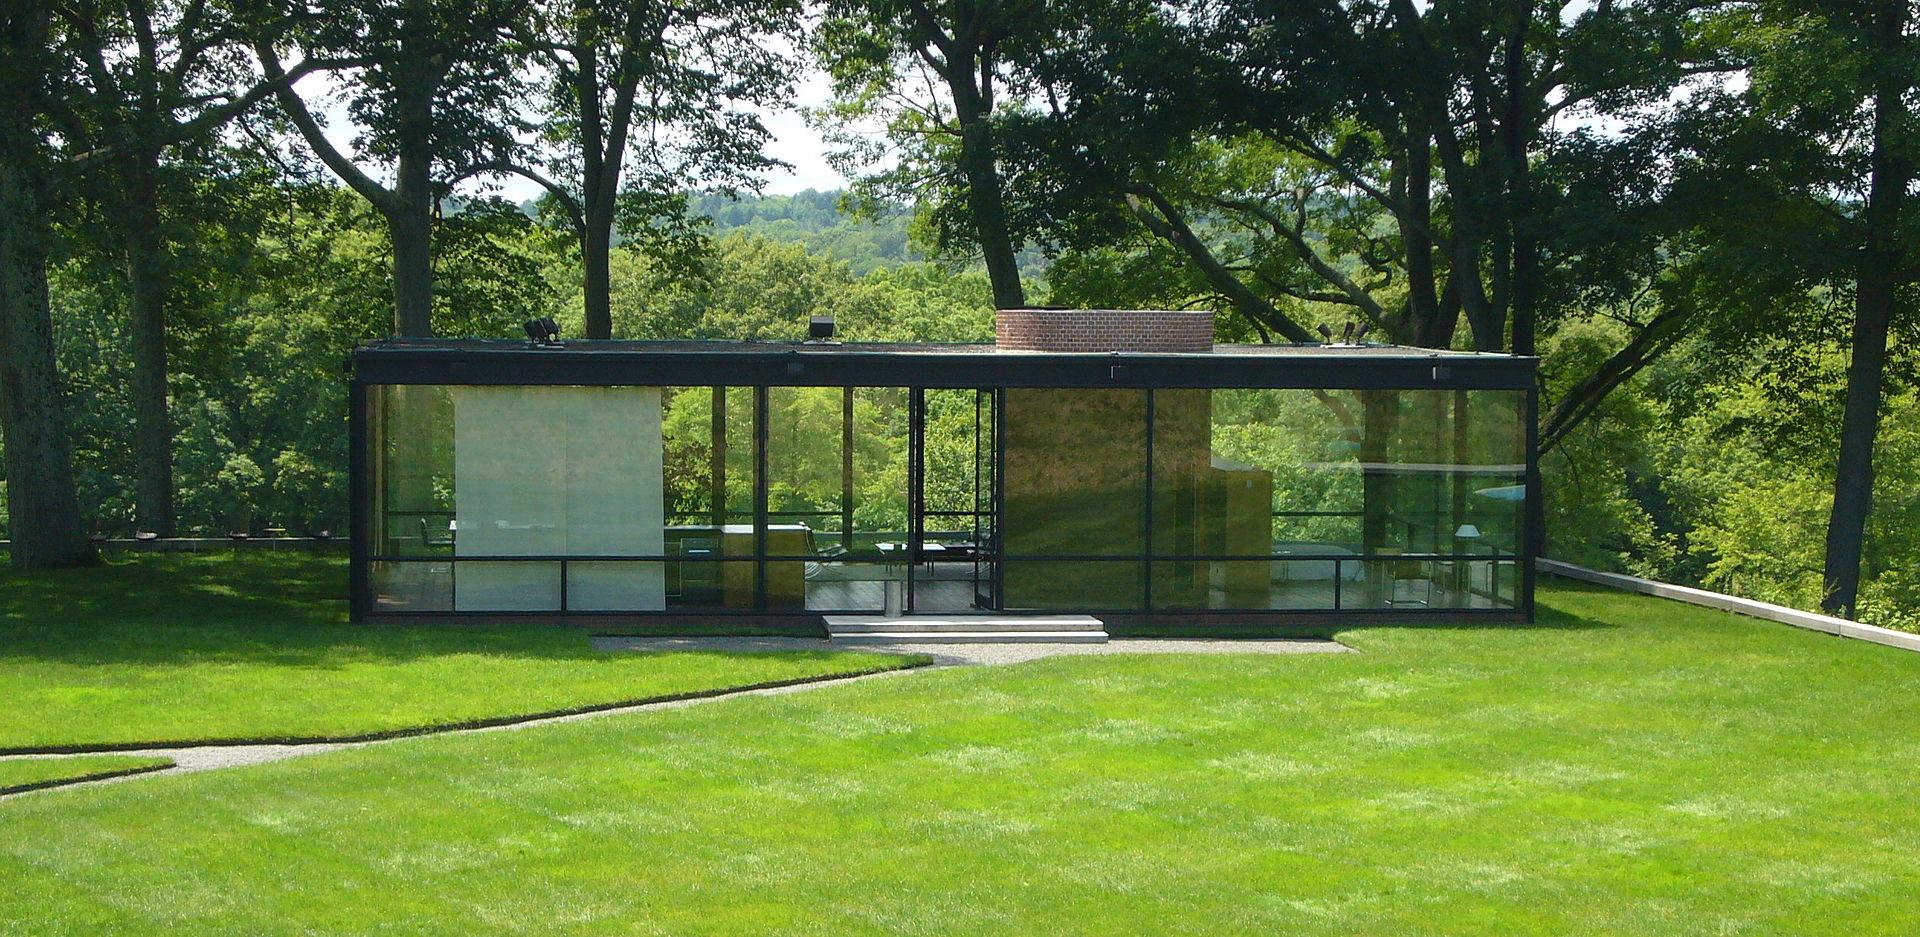 Arquitectura minimalista la Casa de Vidrio de Philip Johnson  Minimalismo XYZ